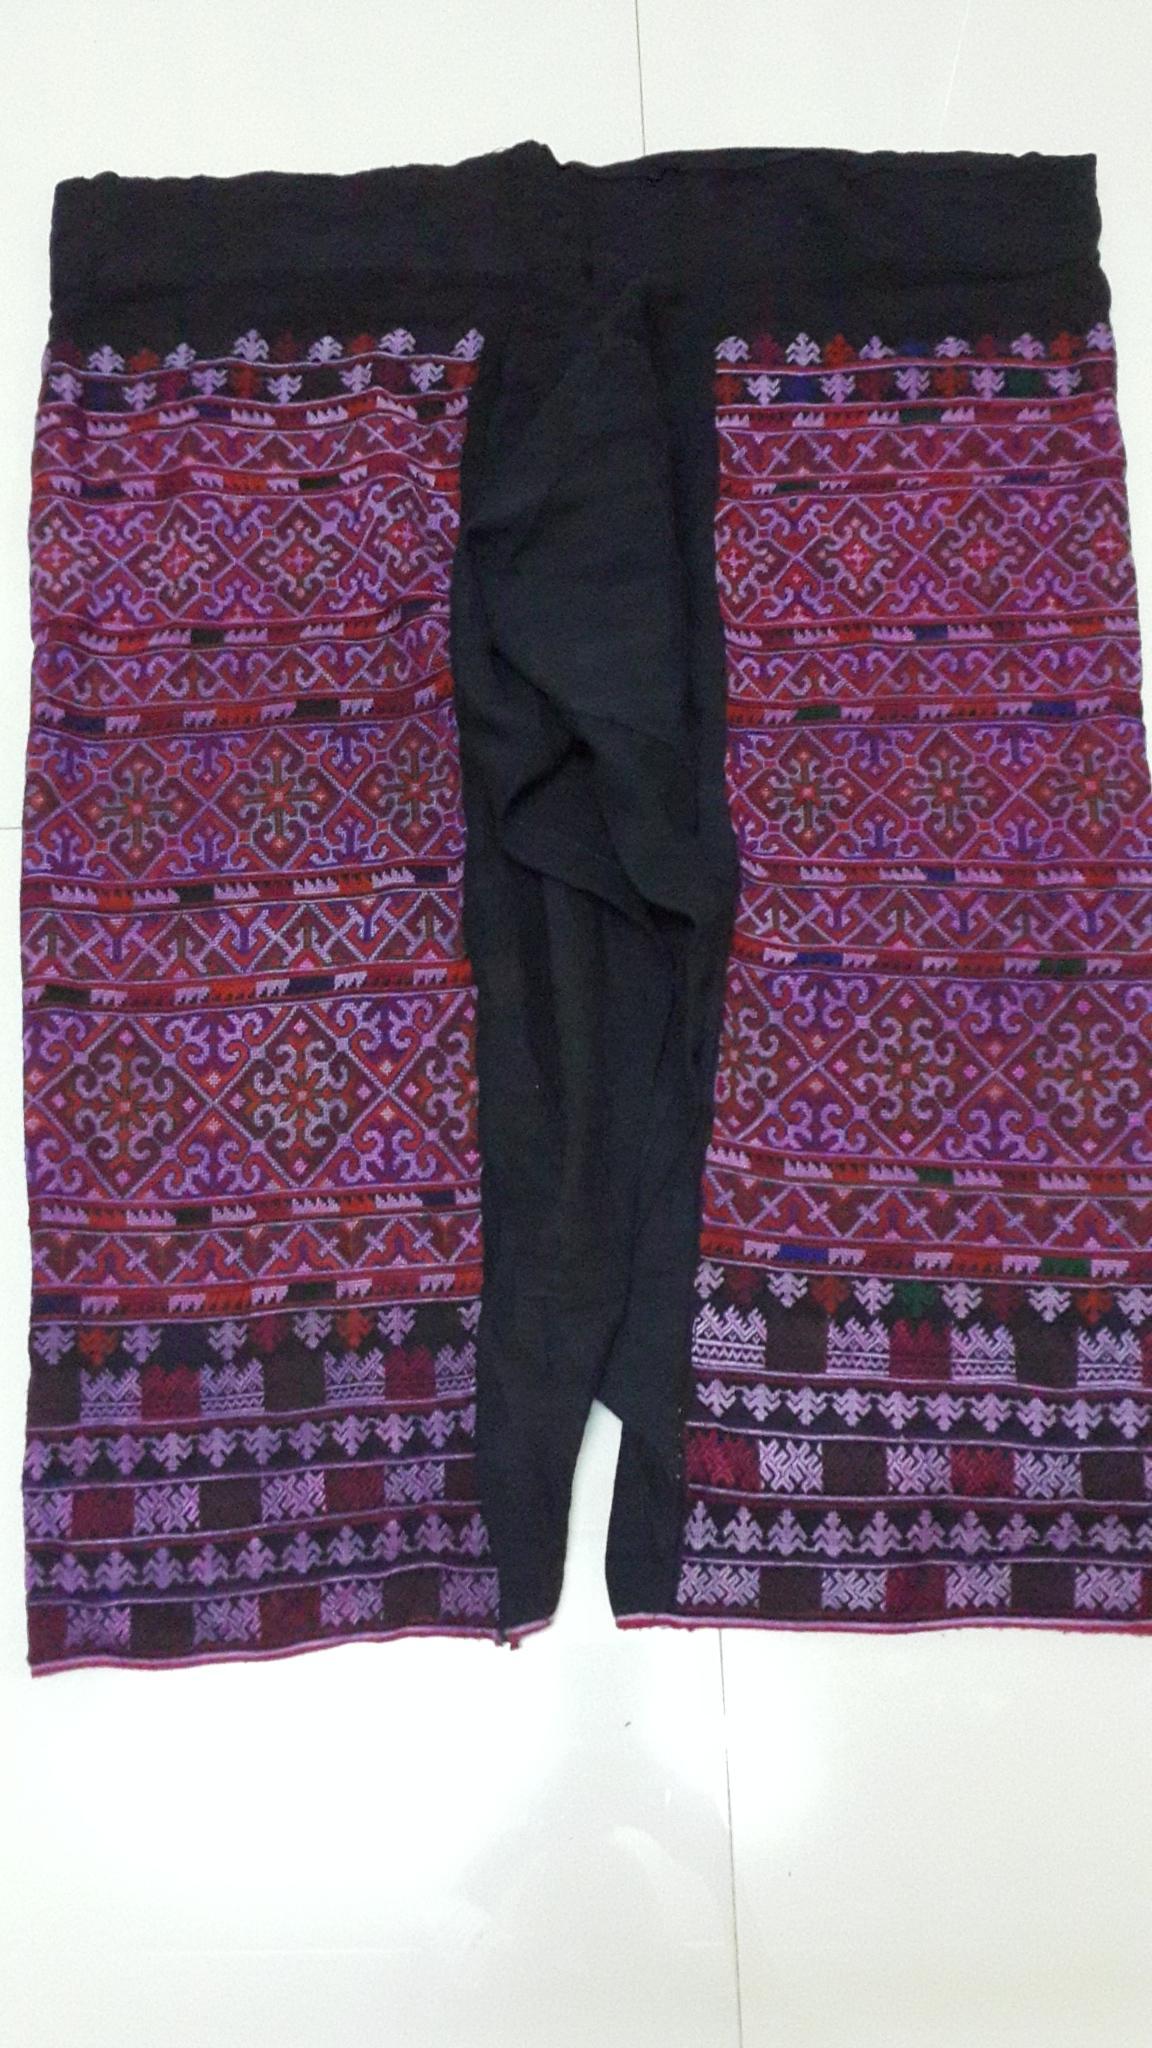 กางเกงผ้าปักสีโทนแดงชมพู ปักละเอียด ผืนเก่า